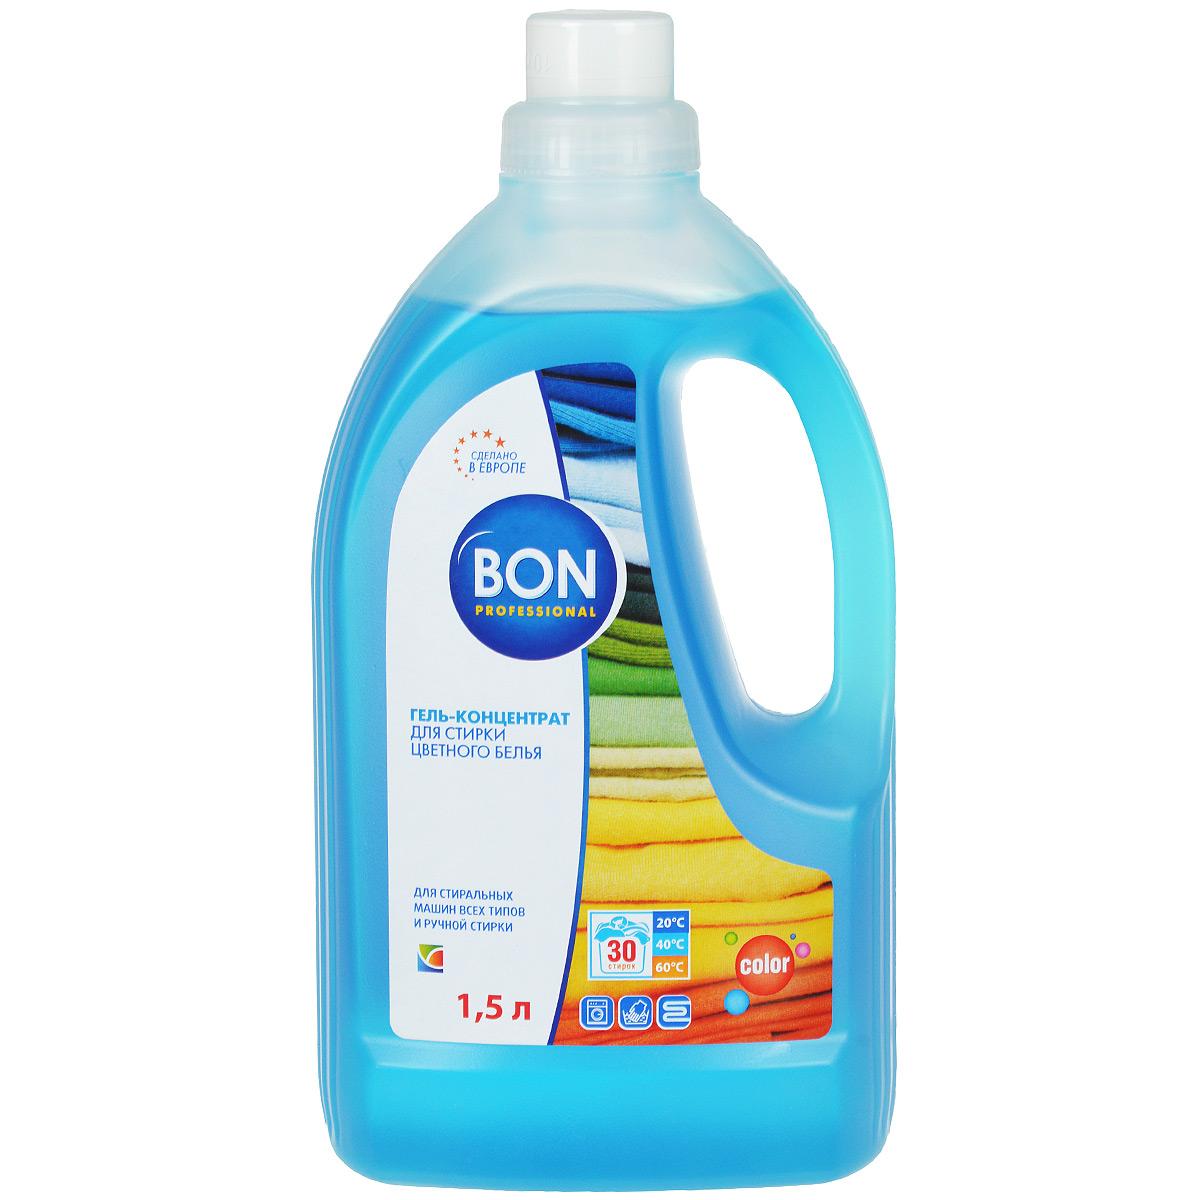 Гель Bon, для стирки цветного белья, концентрат, 1,5 лBN-202Концентрированный гель Bon предназначен для стирки цветного белья. Гель содержит биодобавки - энзимы для выведения пятен. Средство эффективно растворяет жир, сохраняет насыщенность цвета, придает белью аромат свежести и защищает стиральную машину от образования известкового налета и накипи. Не содержит фосфаты. Подходит для стиральных машин любого типа, активно действует в воде любой жесткости и при температурном режиме от +20°С до 60°С. Может использоваться при ручной стирке. Подходит для всех типов ткани.